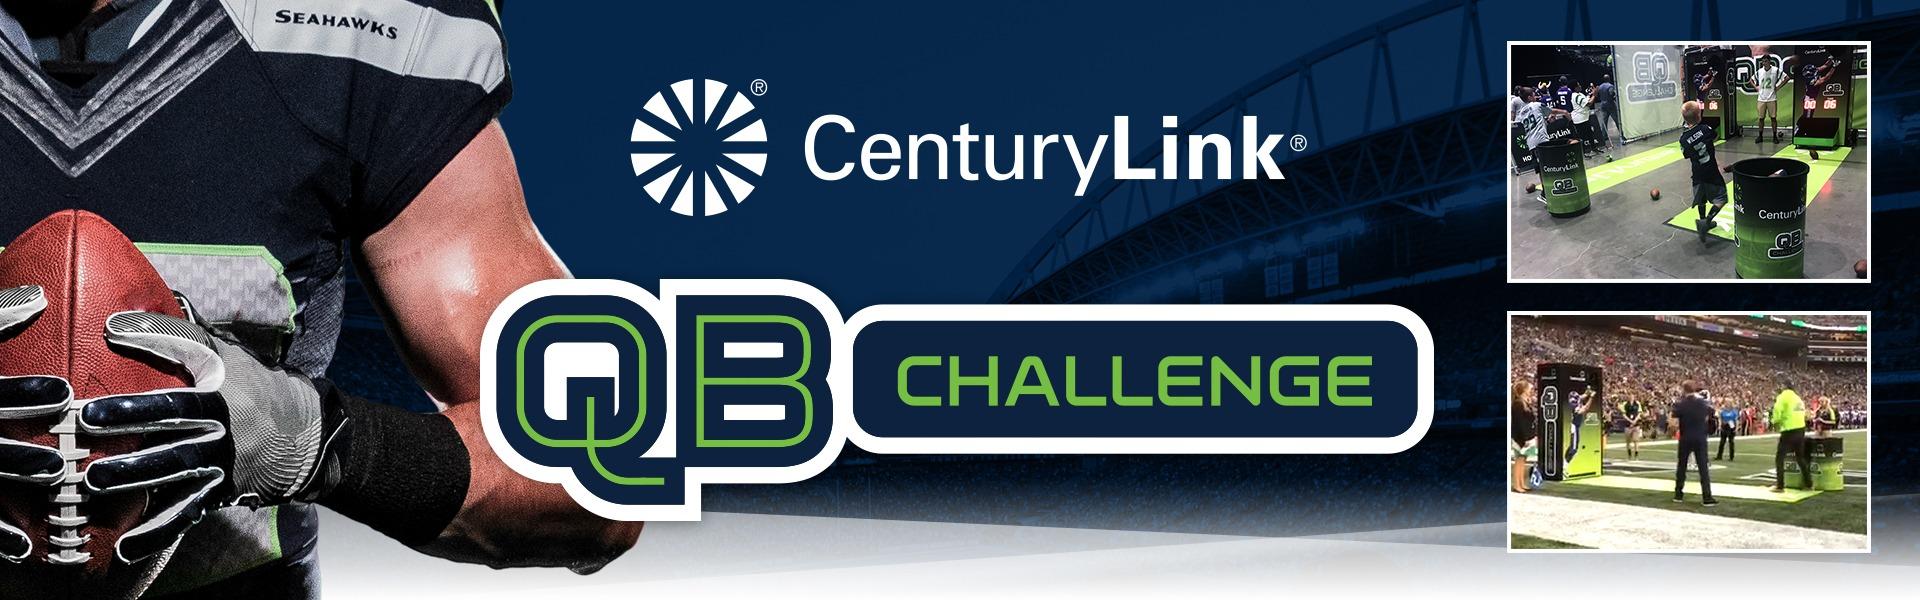 CenturyLink QB Challenge